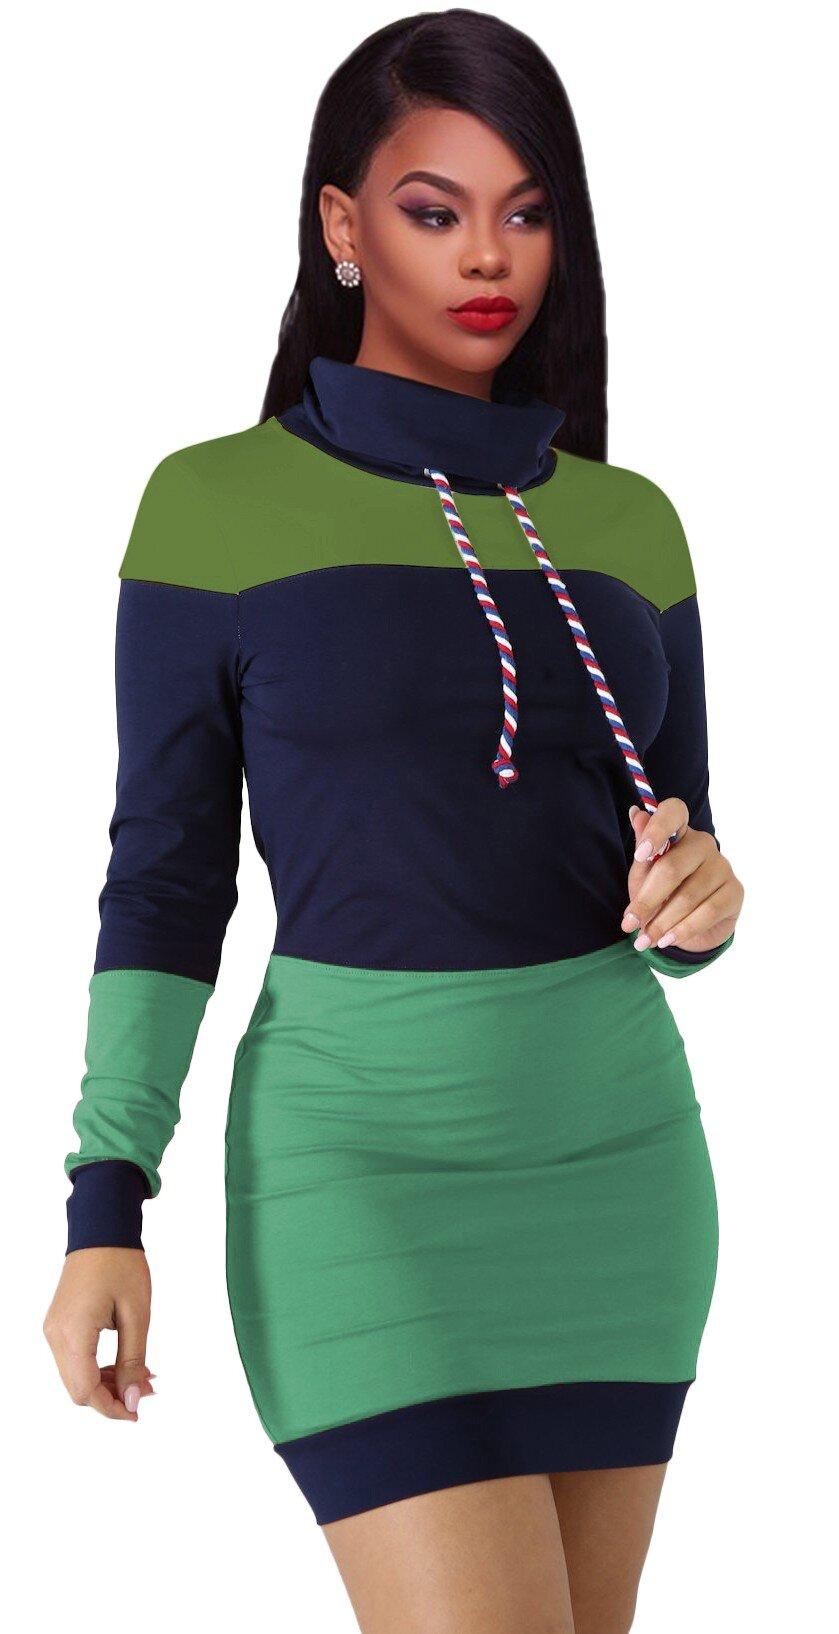 Rochie Mini Pulover Teressa Verde-Albastru